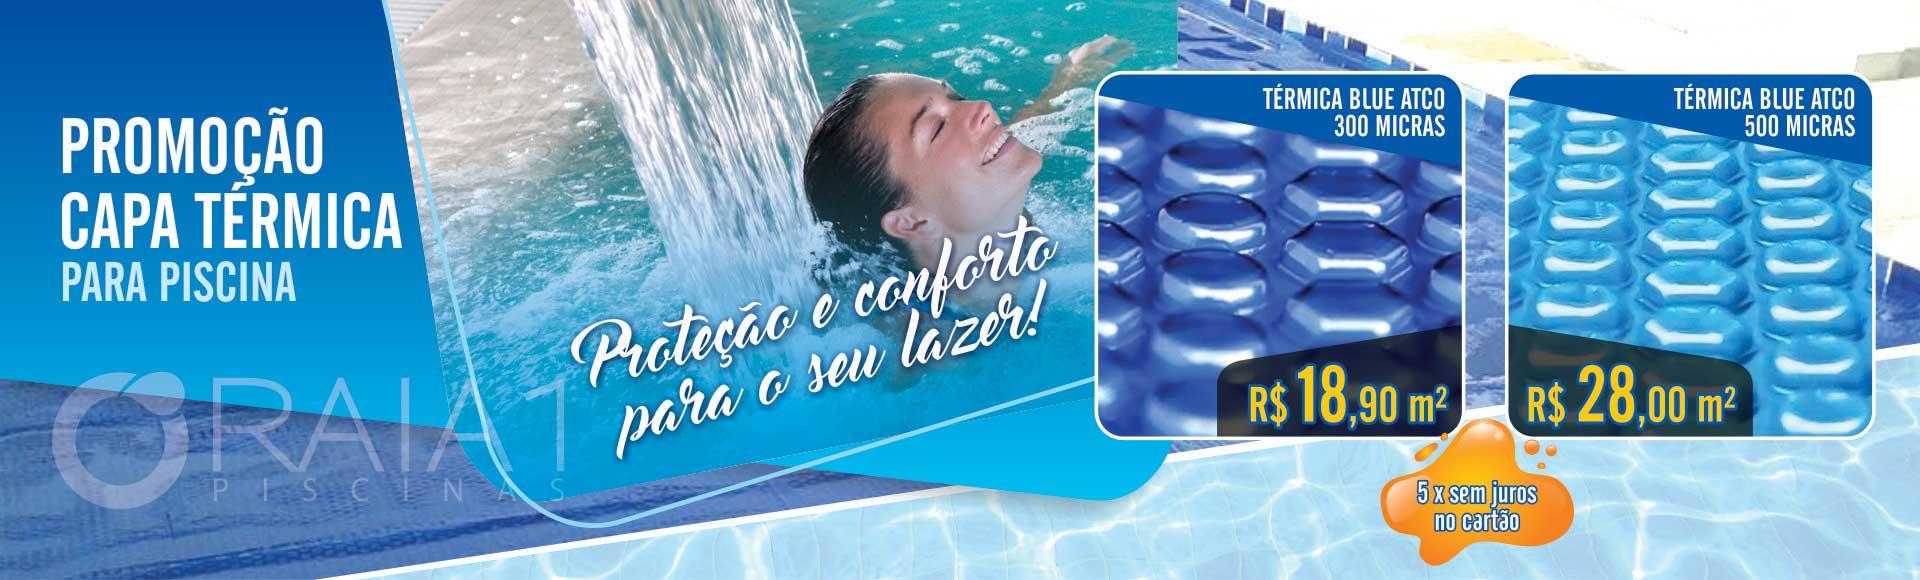 capa de piscina promoção bh